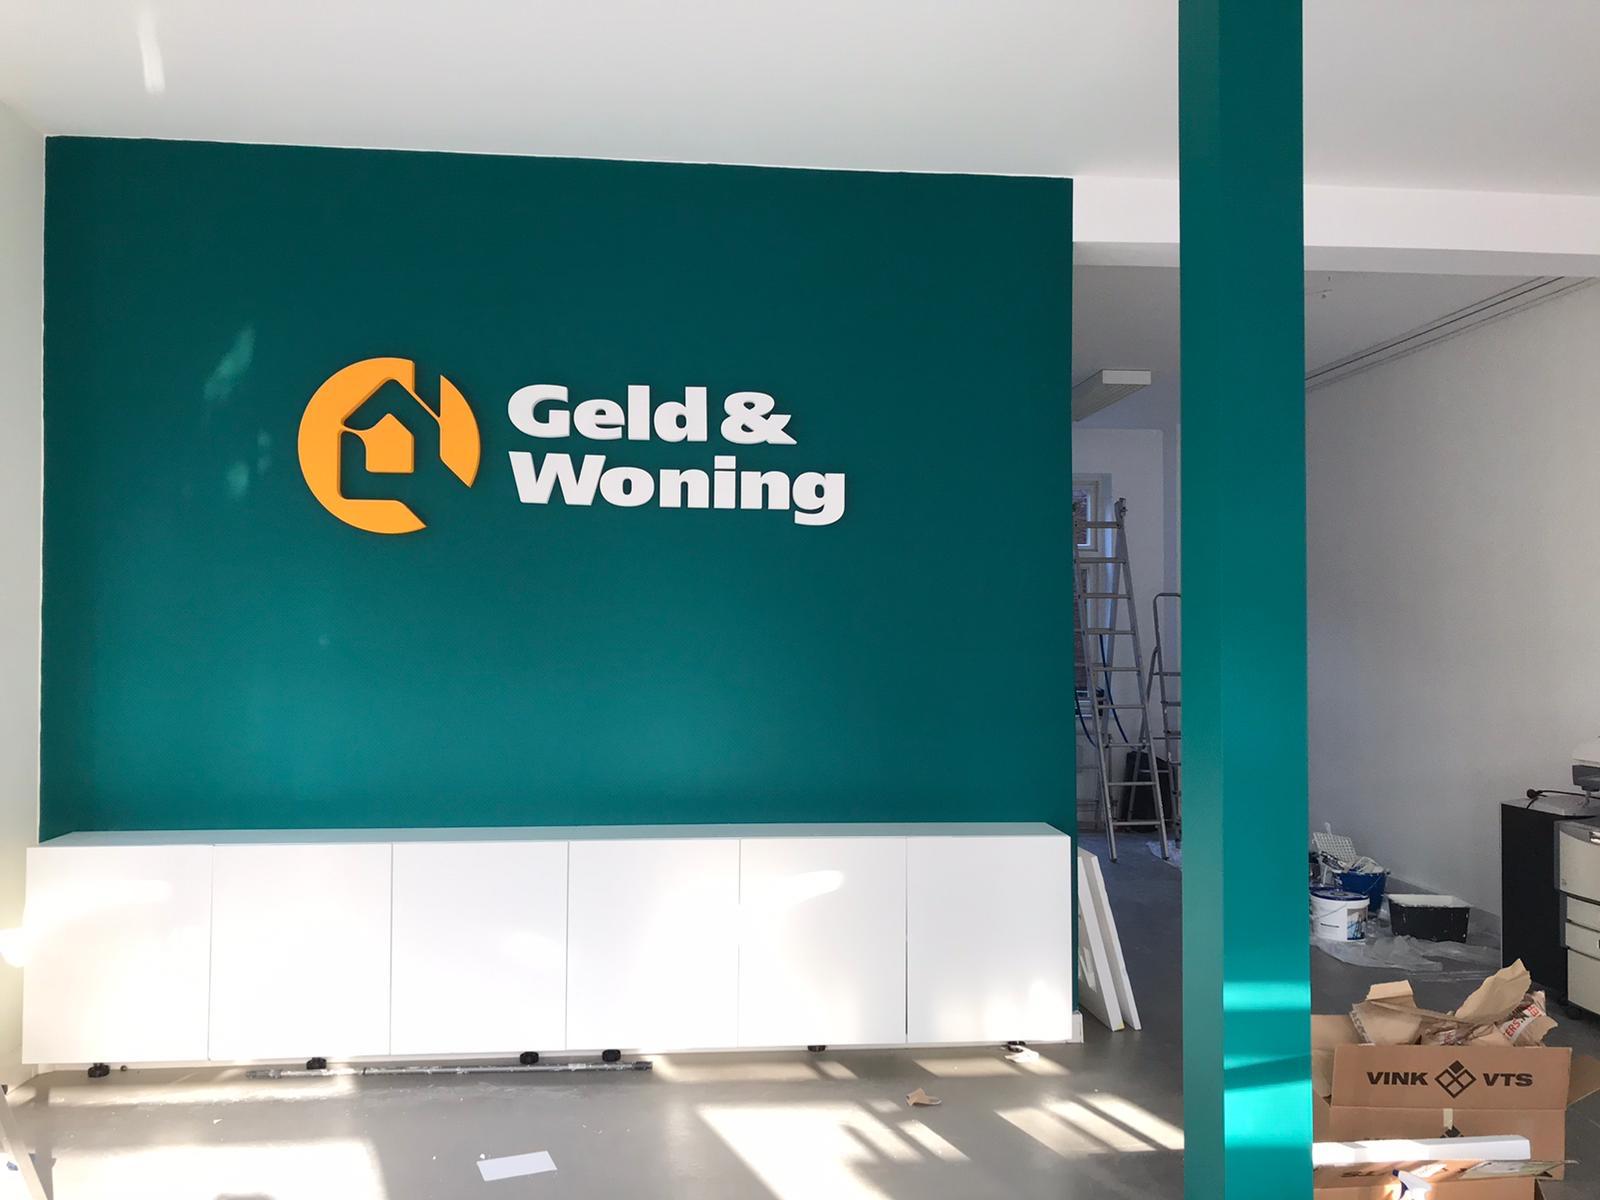 Geld & Woning – Roermond